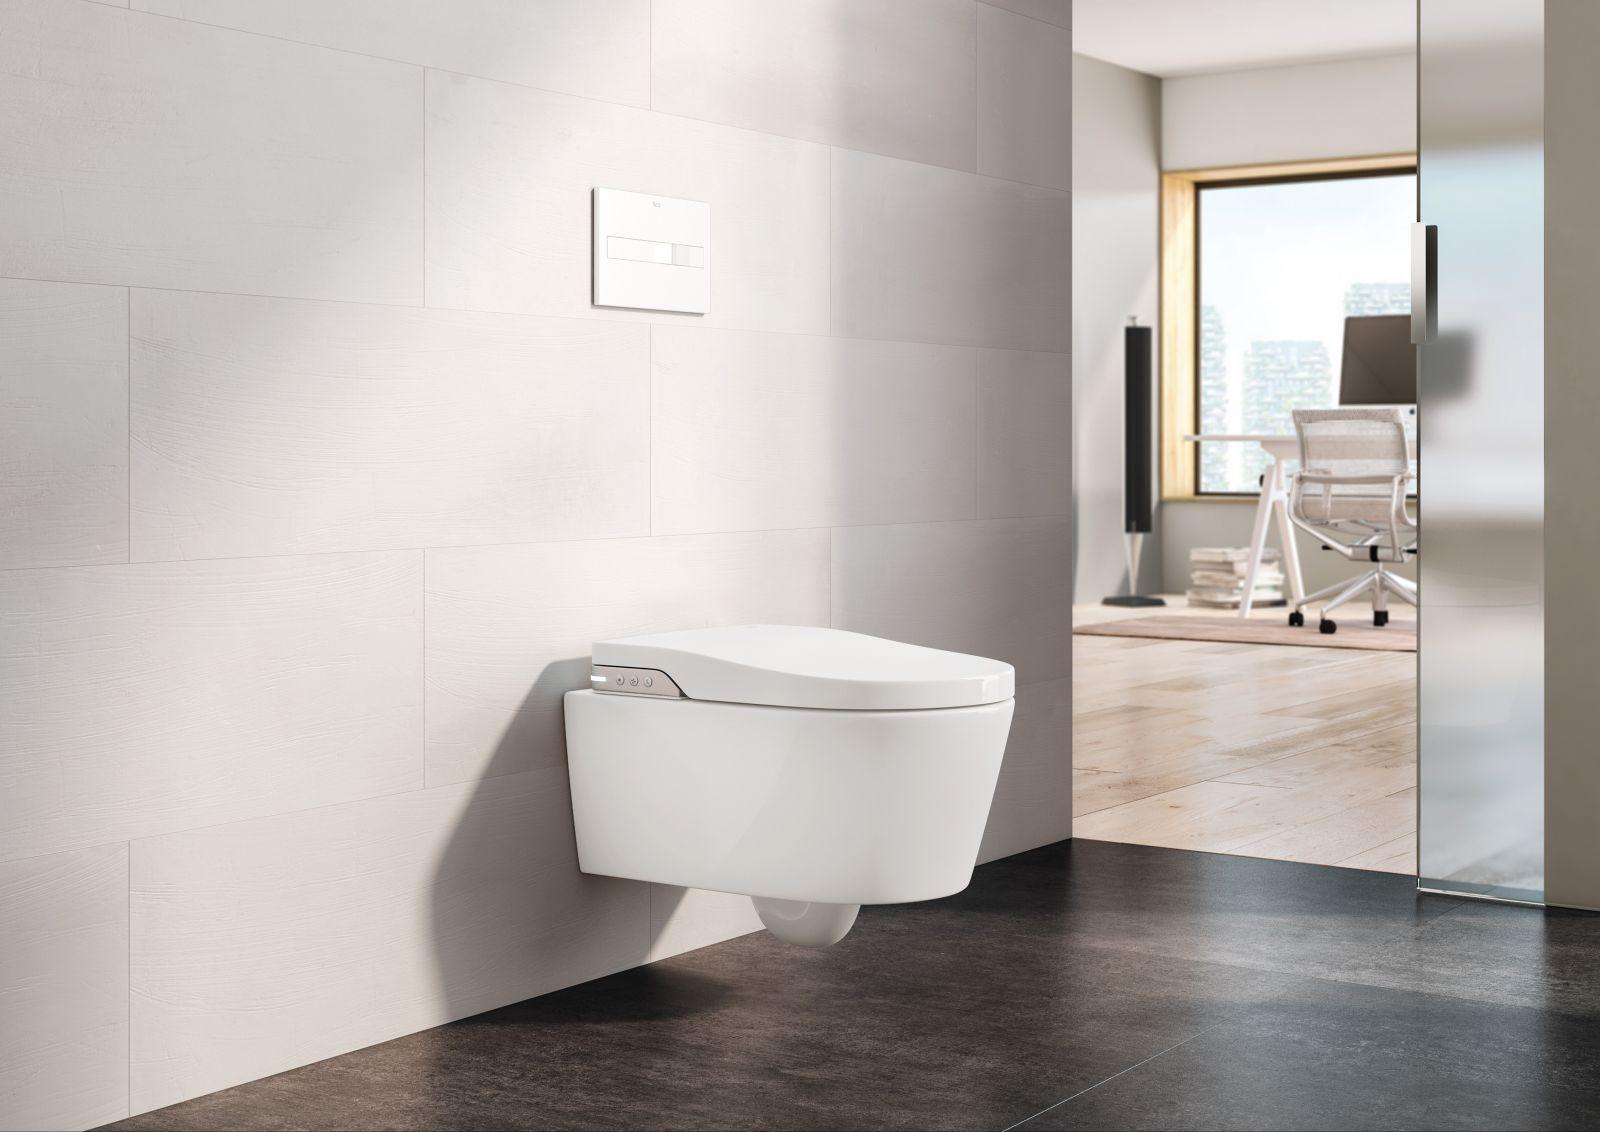 Inovație la tine în baie. In-Wash® Inspira și Multiclean®,  toalete inteligente de la Roca